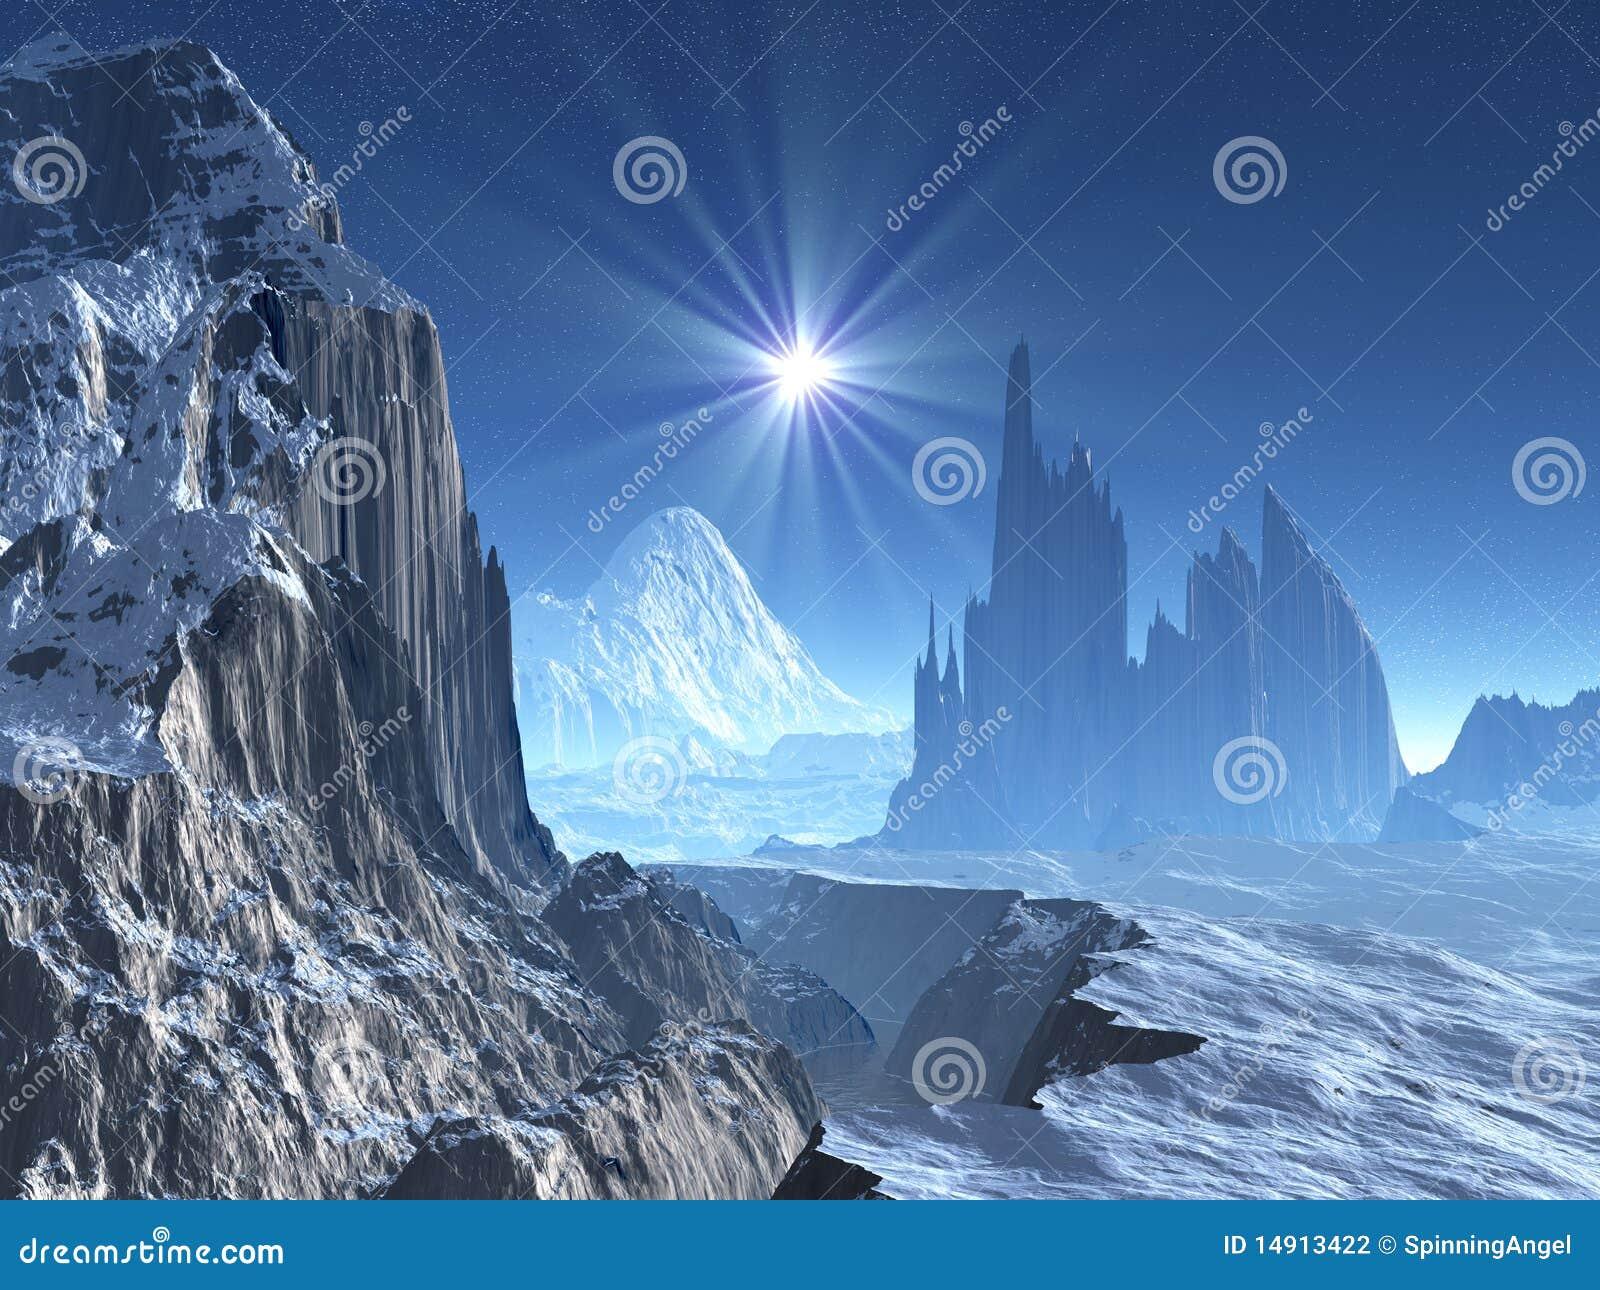 Lone Star Over Alien Winter World